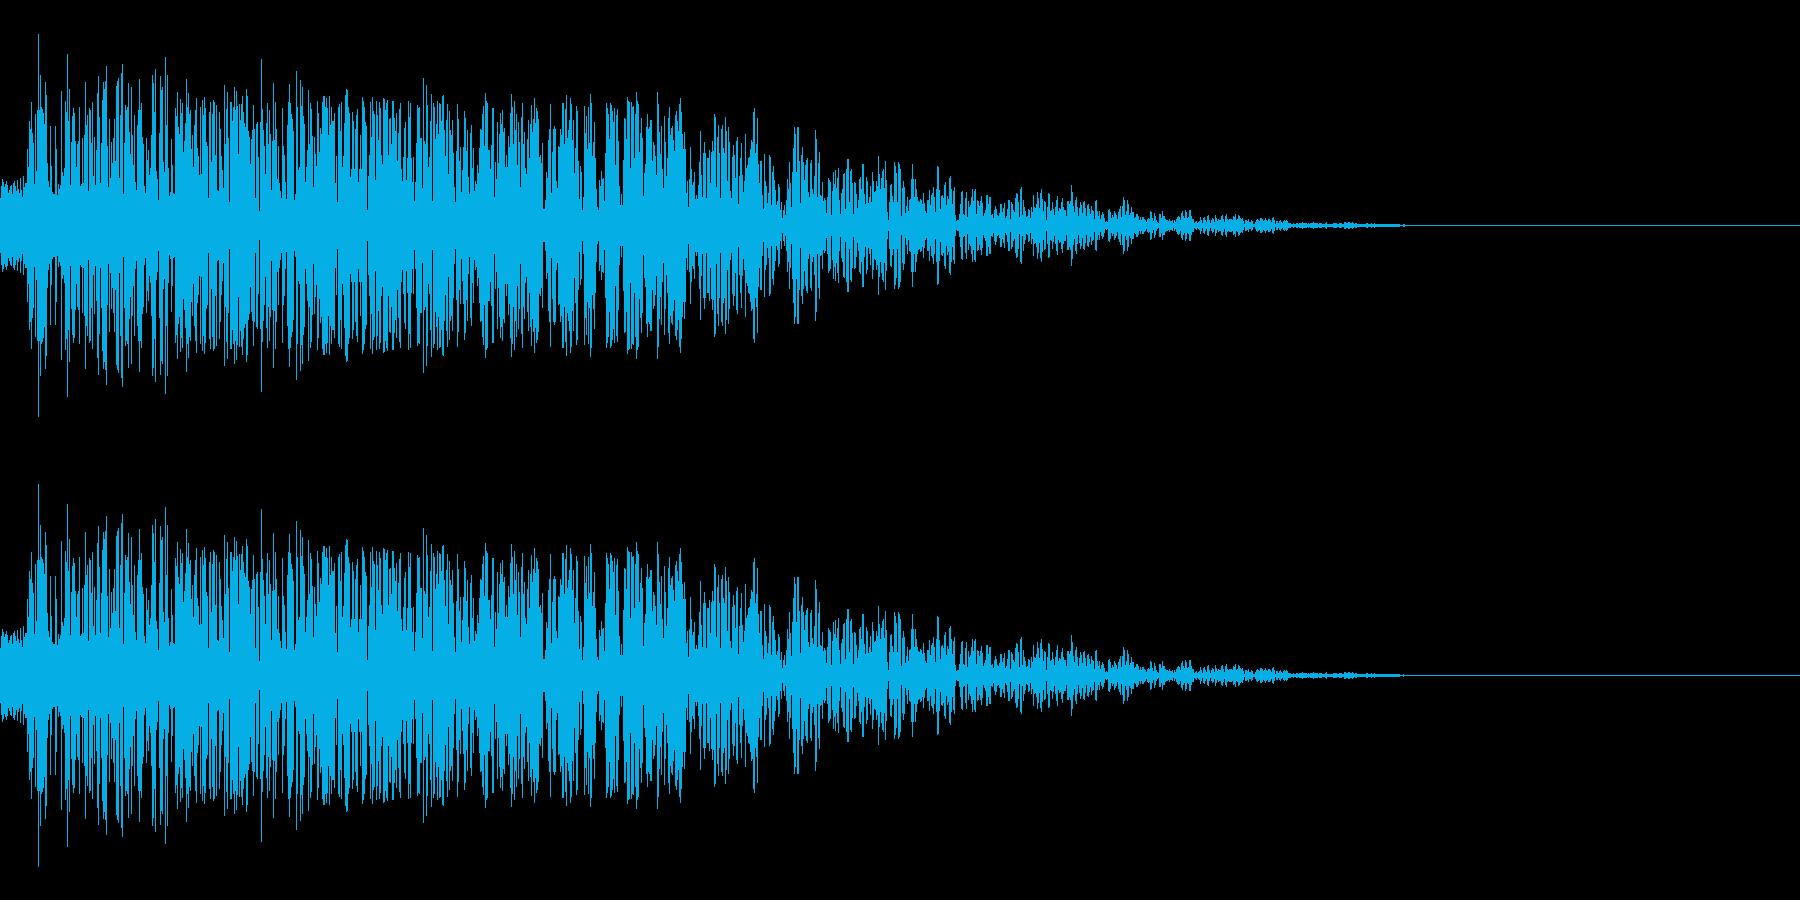 シャキーン(刀/和風/アプリ/決定音)の再生済みの波形